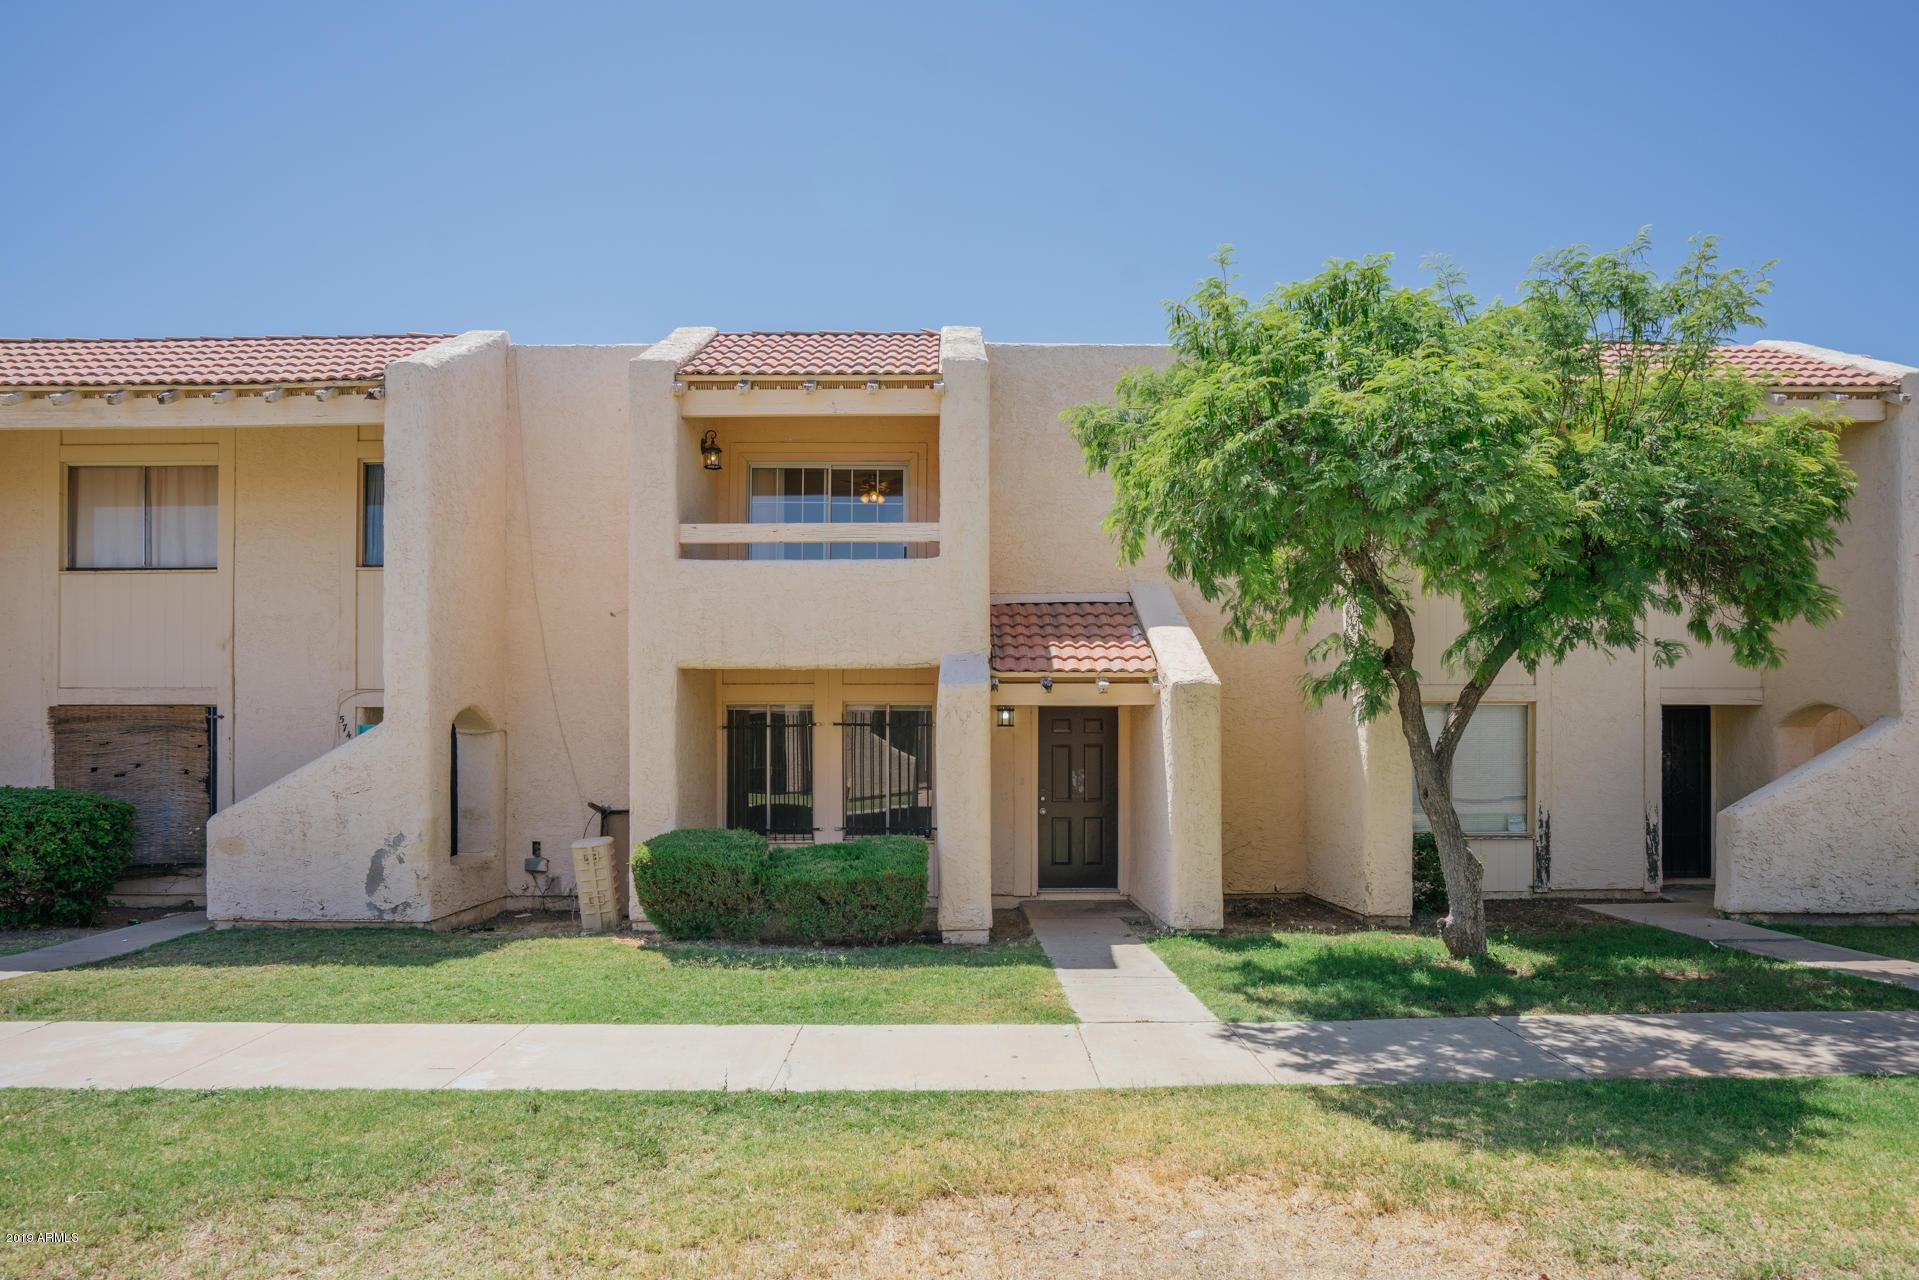 Photo of 5743 N 43RD Lane, Glendale, AZ 85301